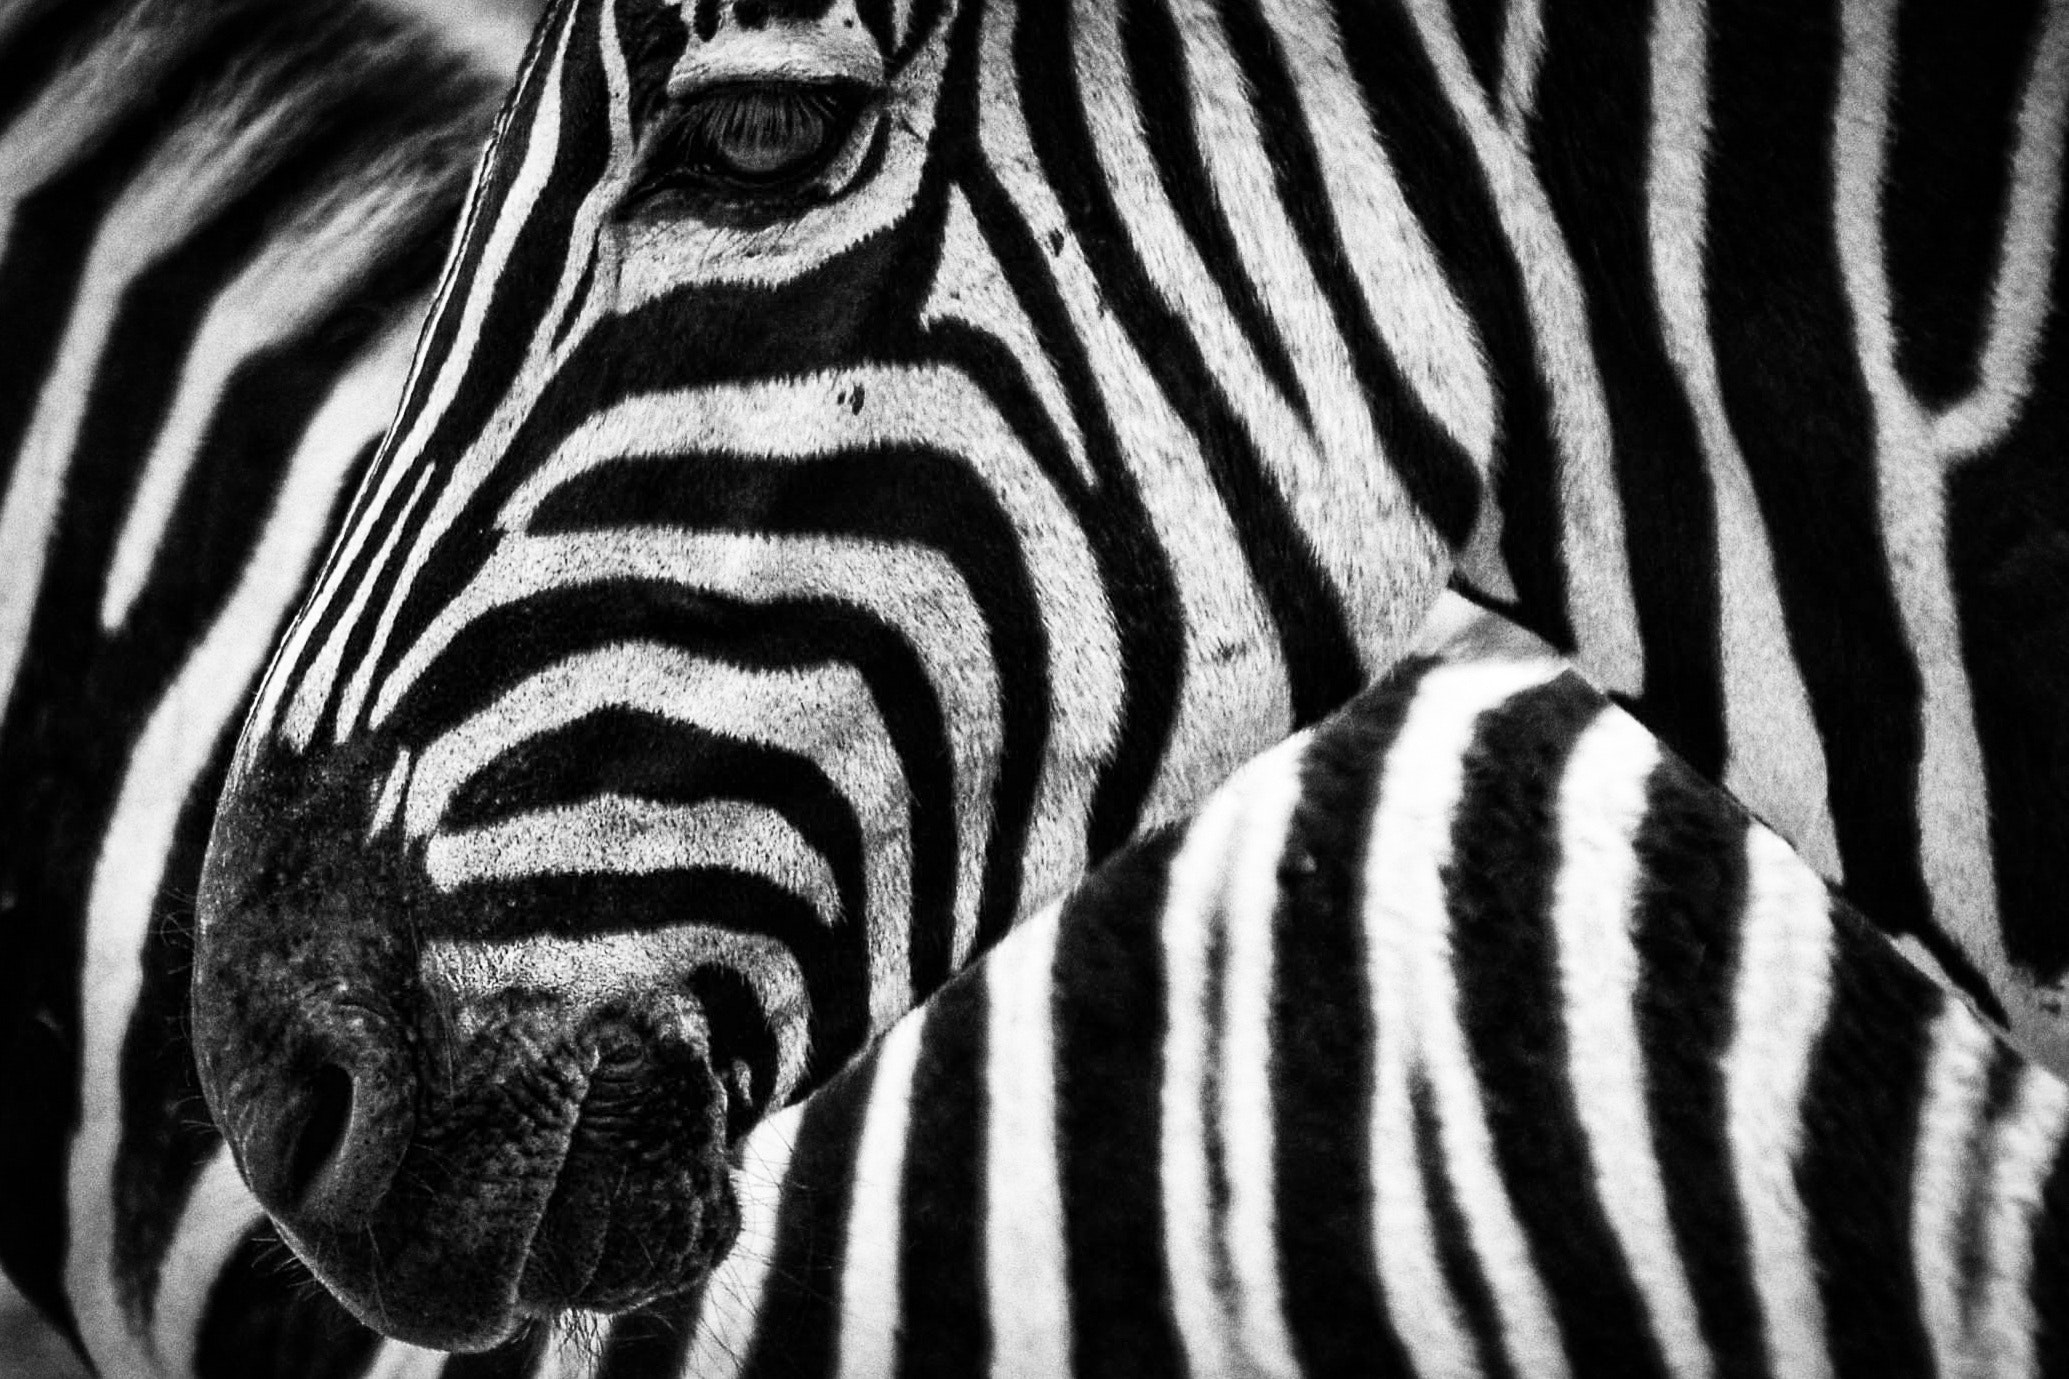 Black and white zebra photo